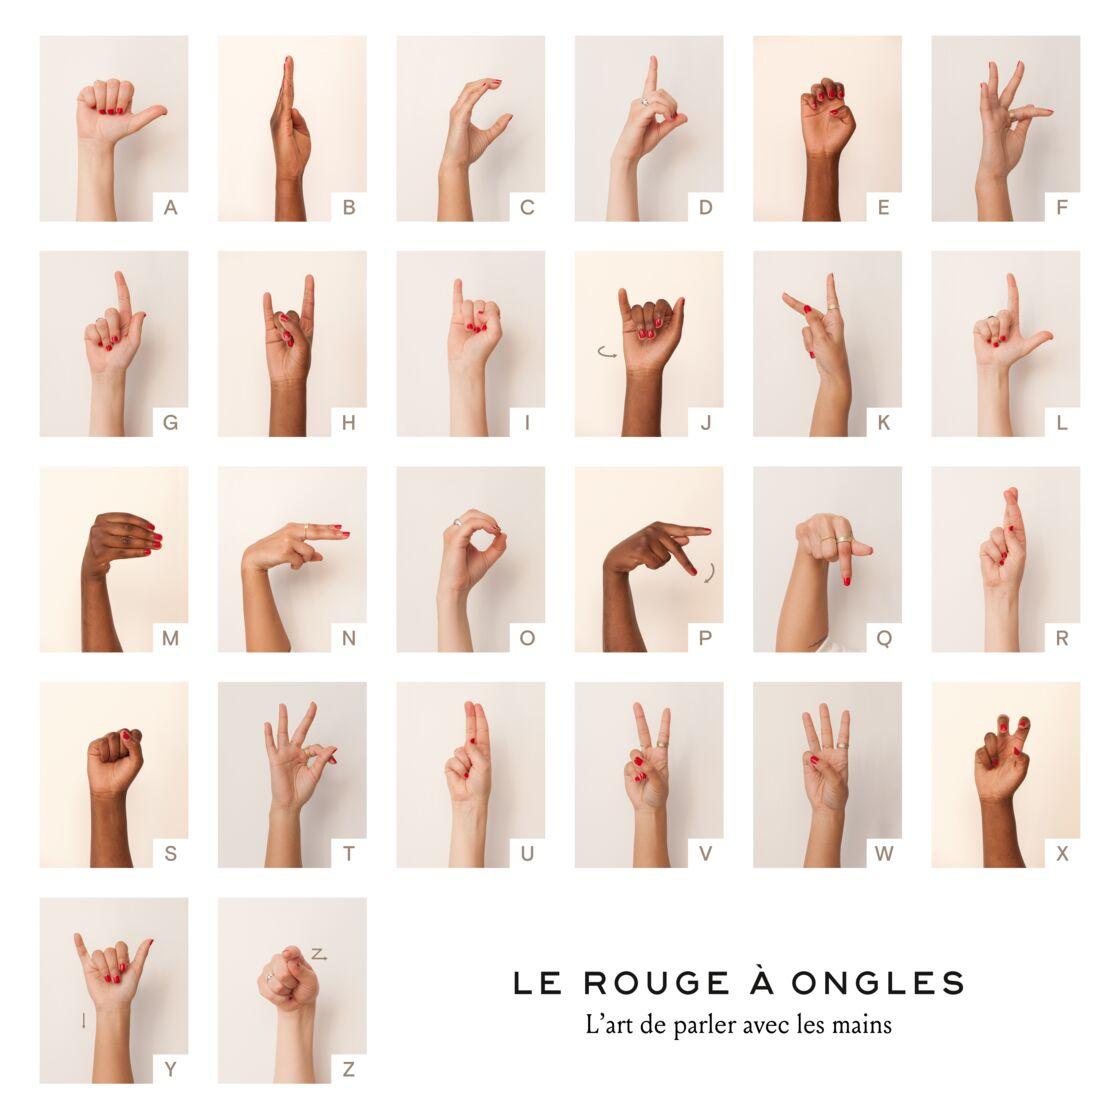 Le Rouge à Ongles : une démarche mêlant beauté et engagement puisqu'à travers ses vernis, la marque veut démocratiser le langage des signes pour favoriser la mixité et la compréhension entre sourds et entendants.